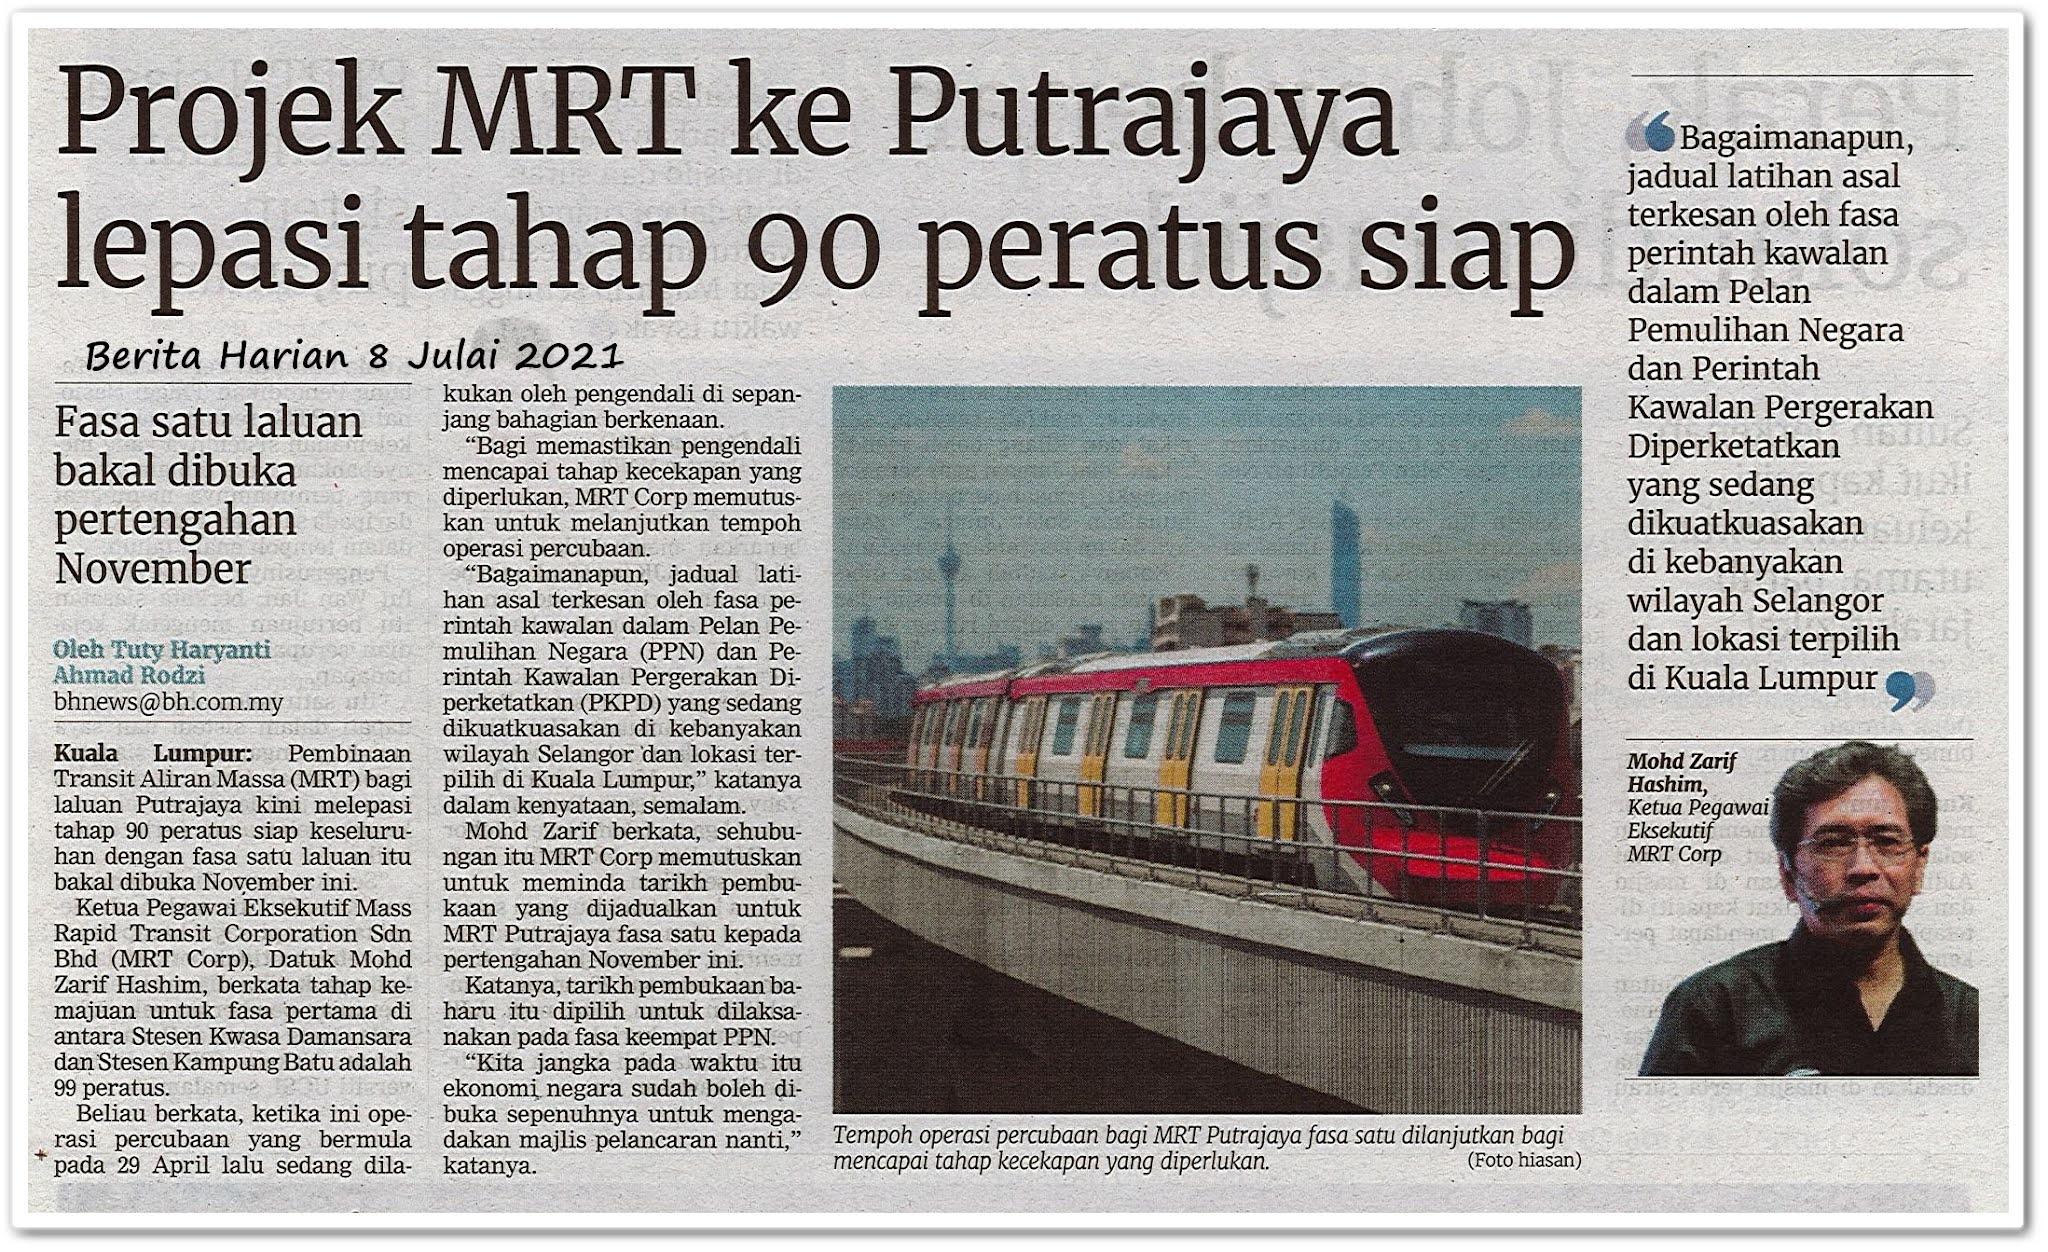 Projek MRT ke Putrajaya lepasi tahap 90 peratus - Keratan akhbar Berita Harian 8 Julai 2021